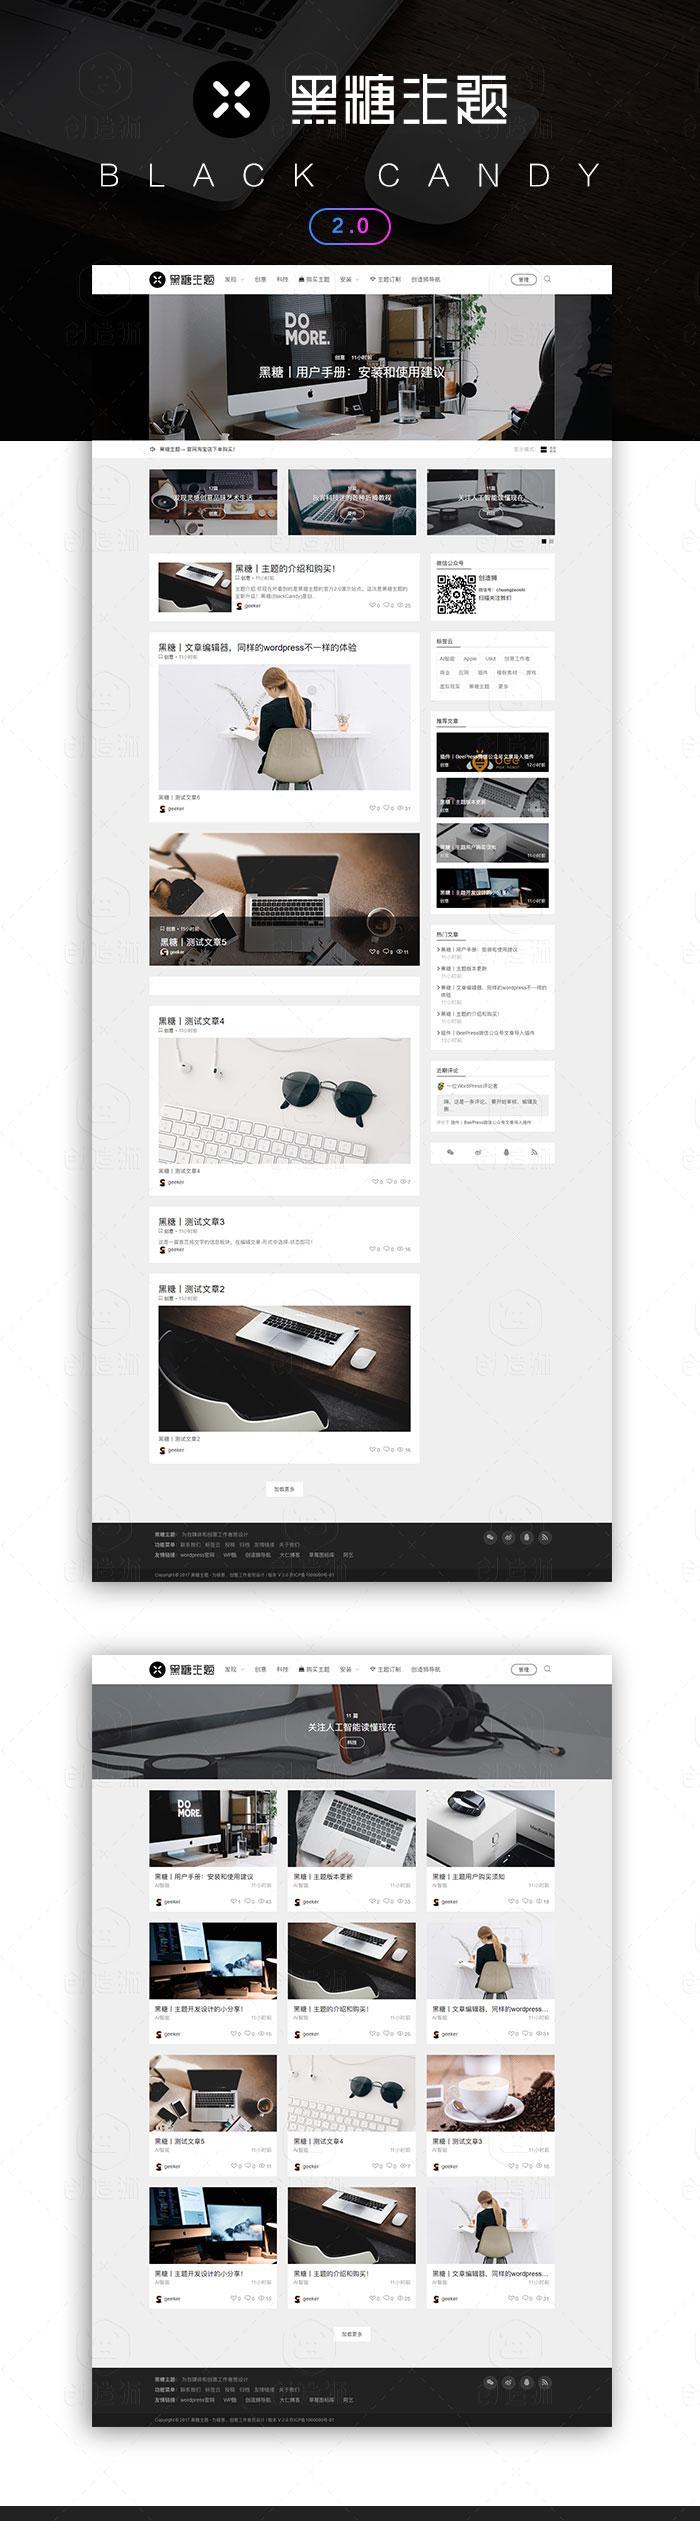 黑镜主题源码2.0版本(BlackMirror),WordPress设计素材教程类主题模板,源码,教程,模板,教程分享,WordPress,第1张